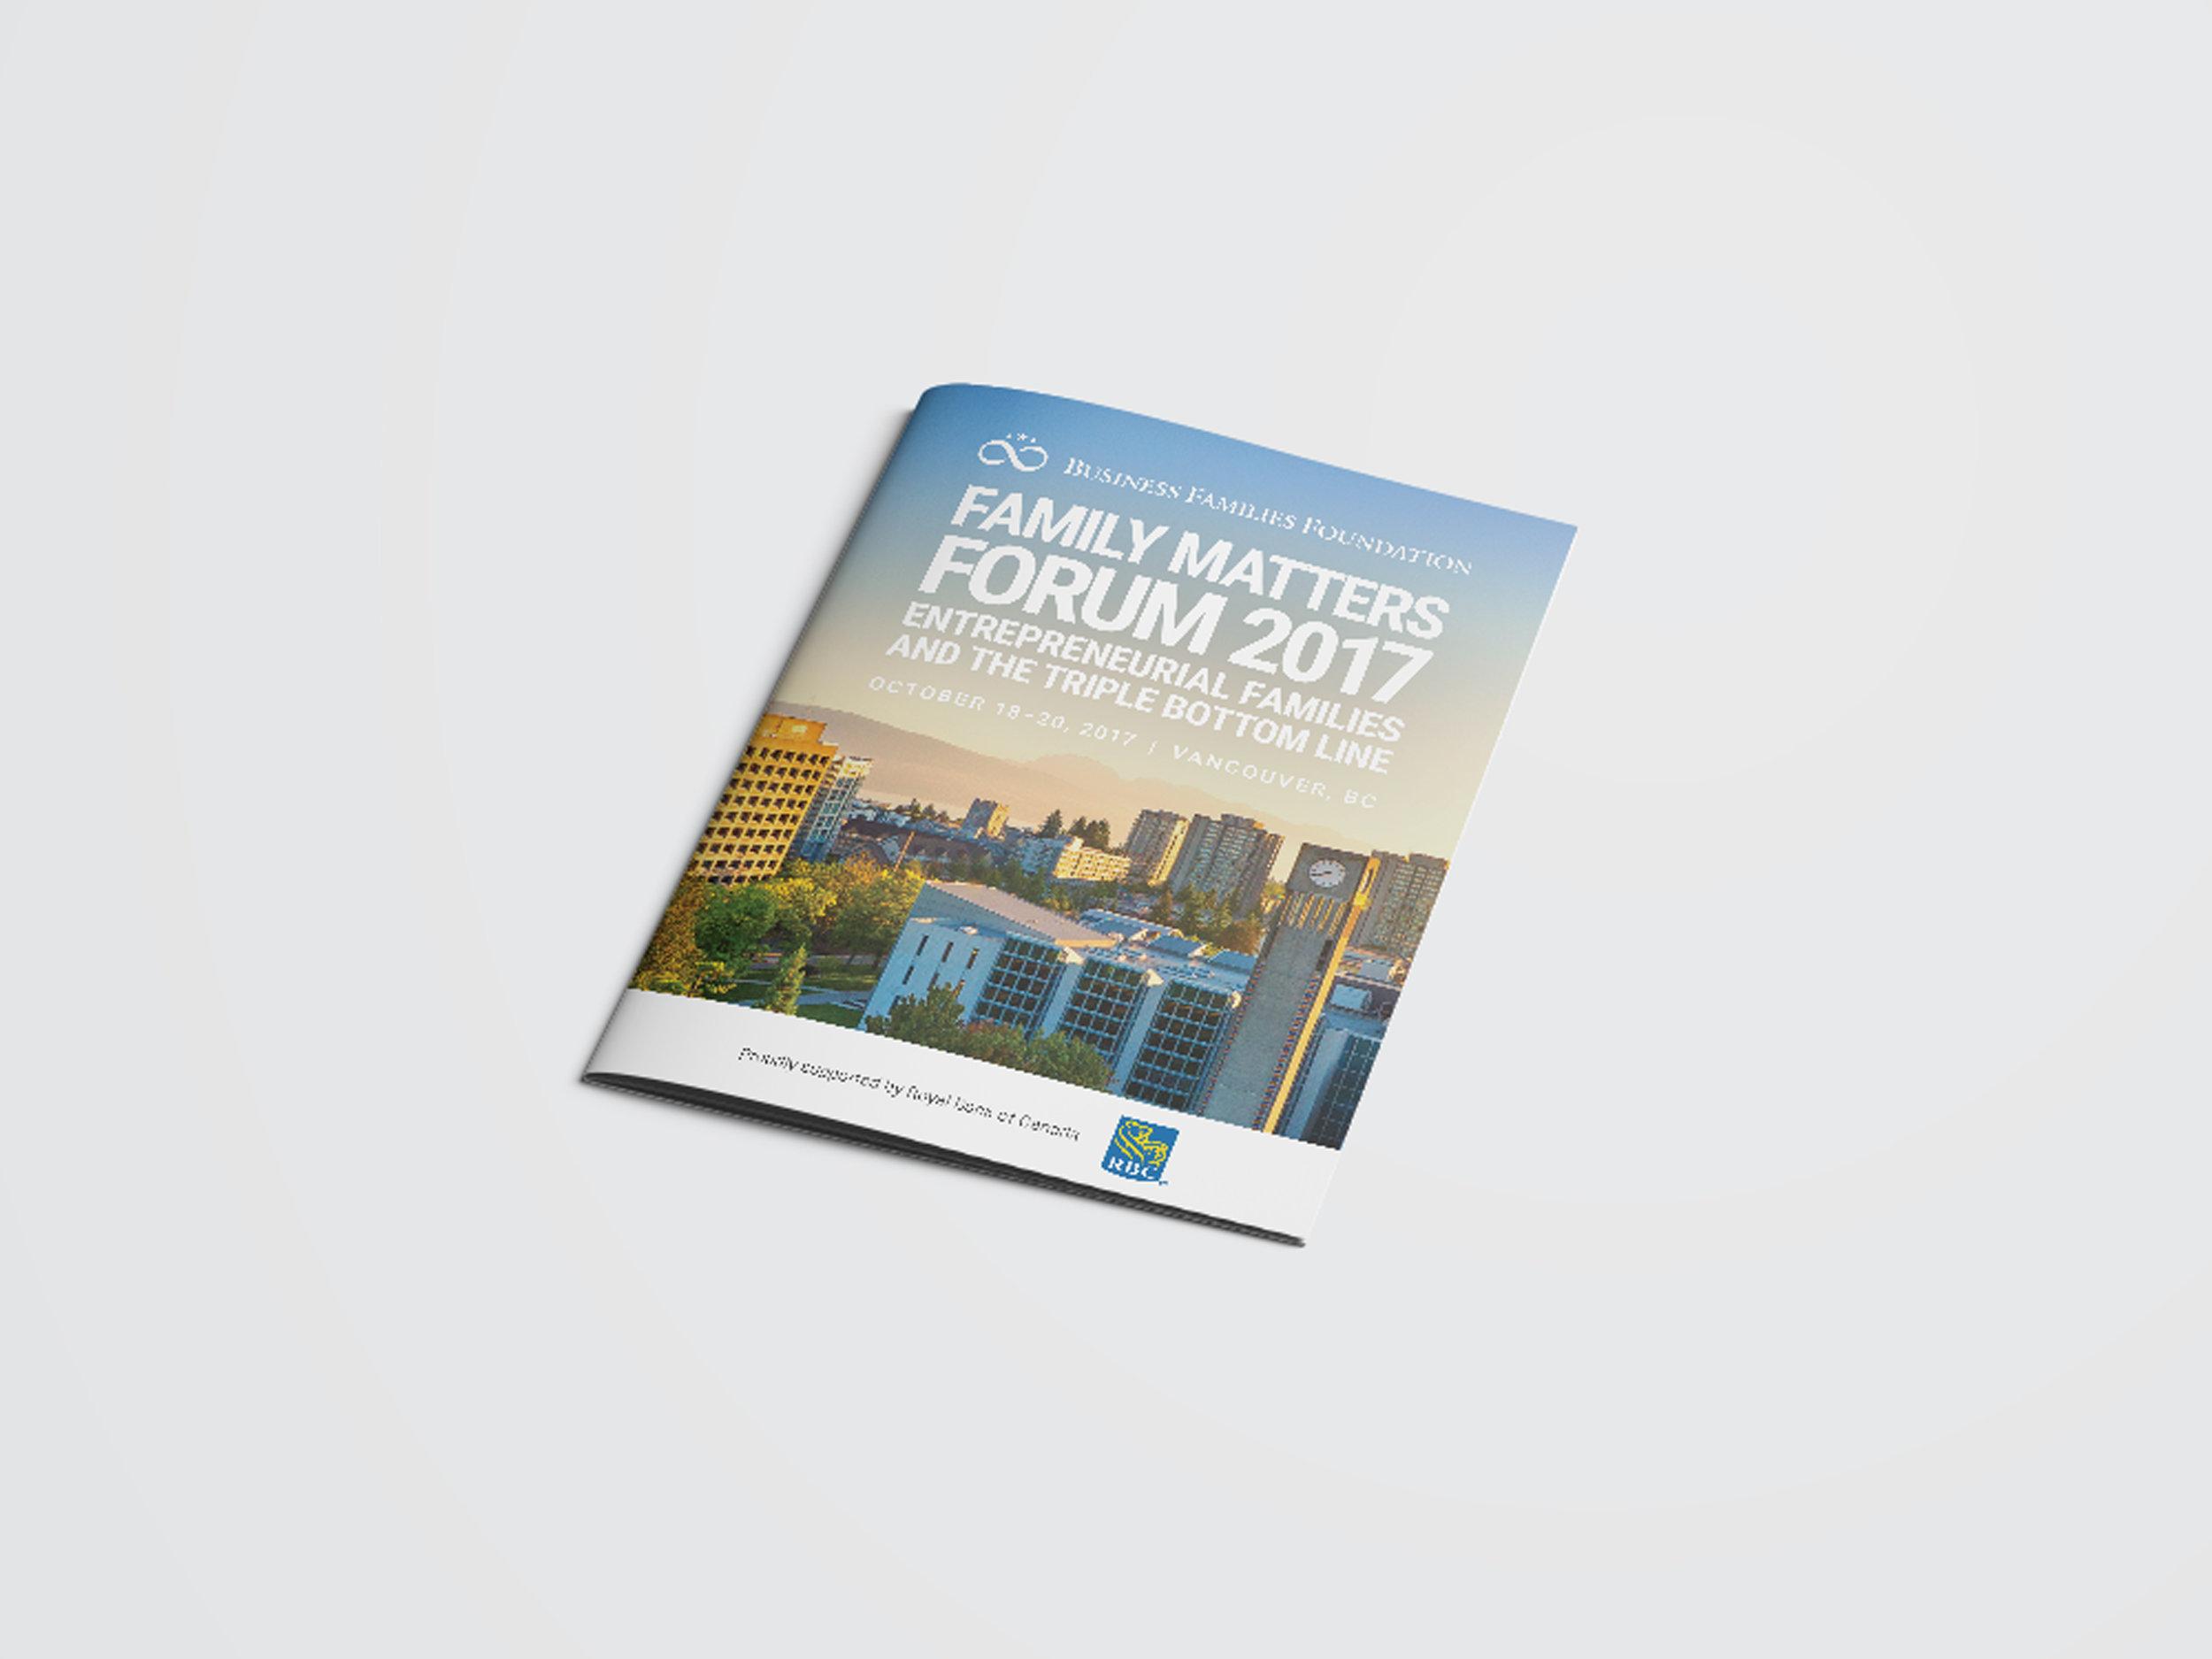 fmf2017_delegate_package_cover.jpg